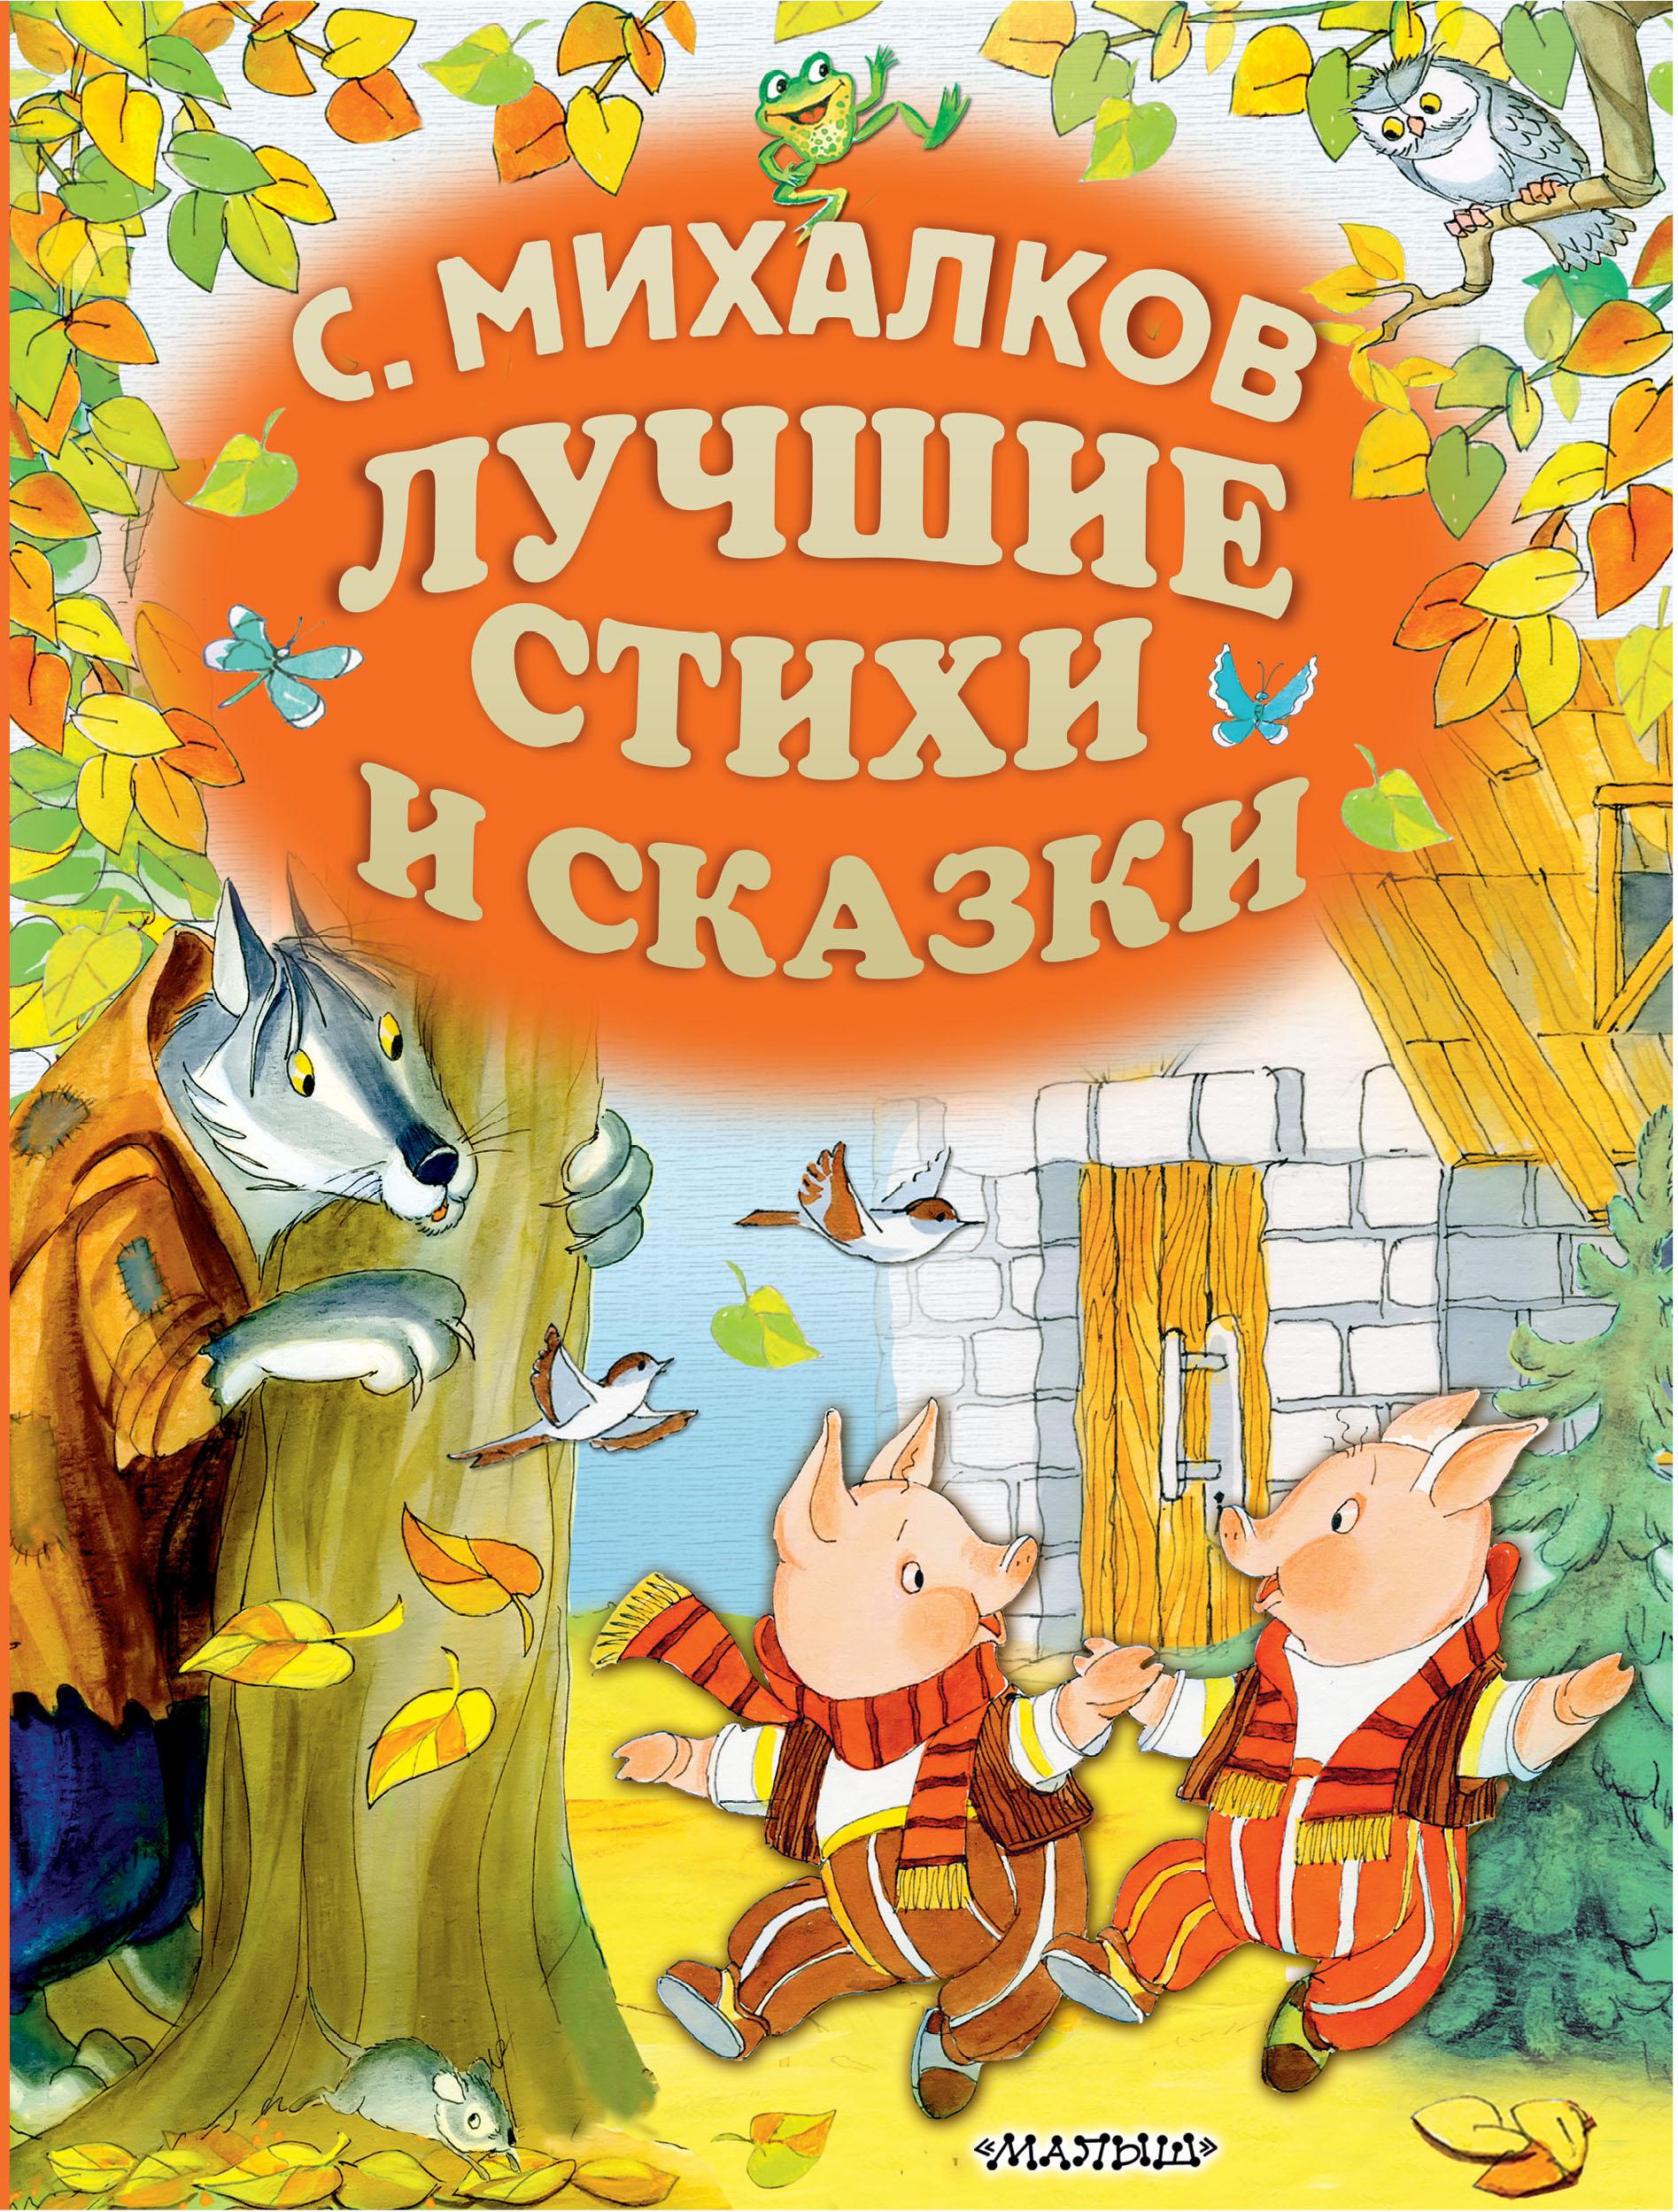 С. Михалков С.Михалков. Лучшие стихи и сказки сказки и басни сергея михалкова